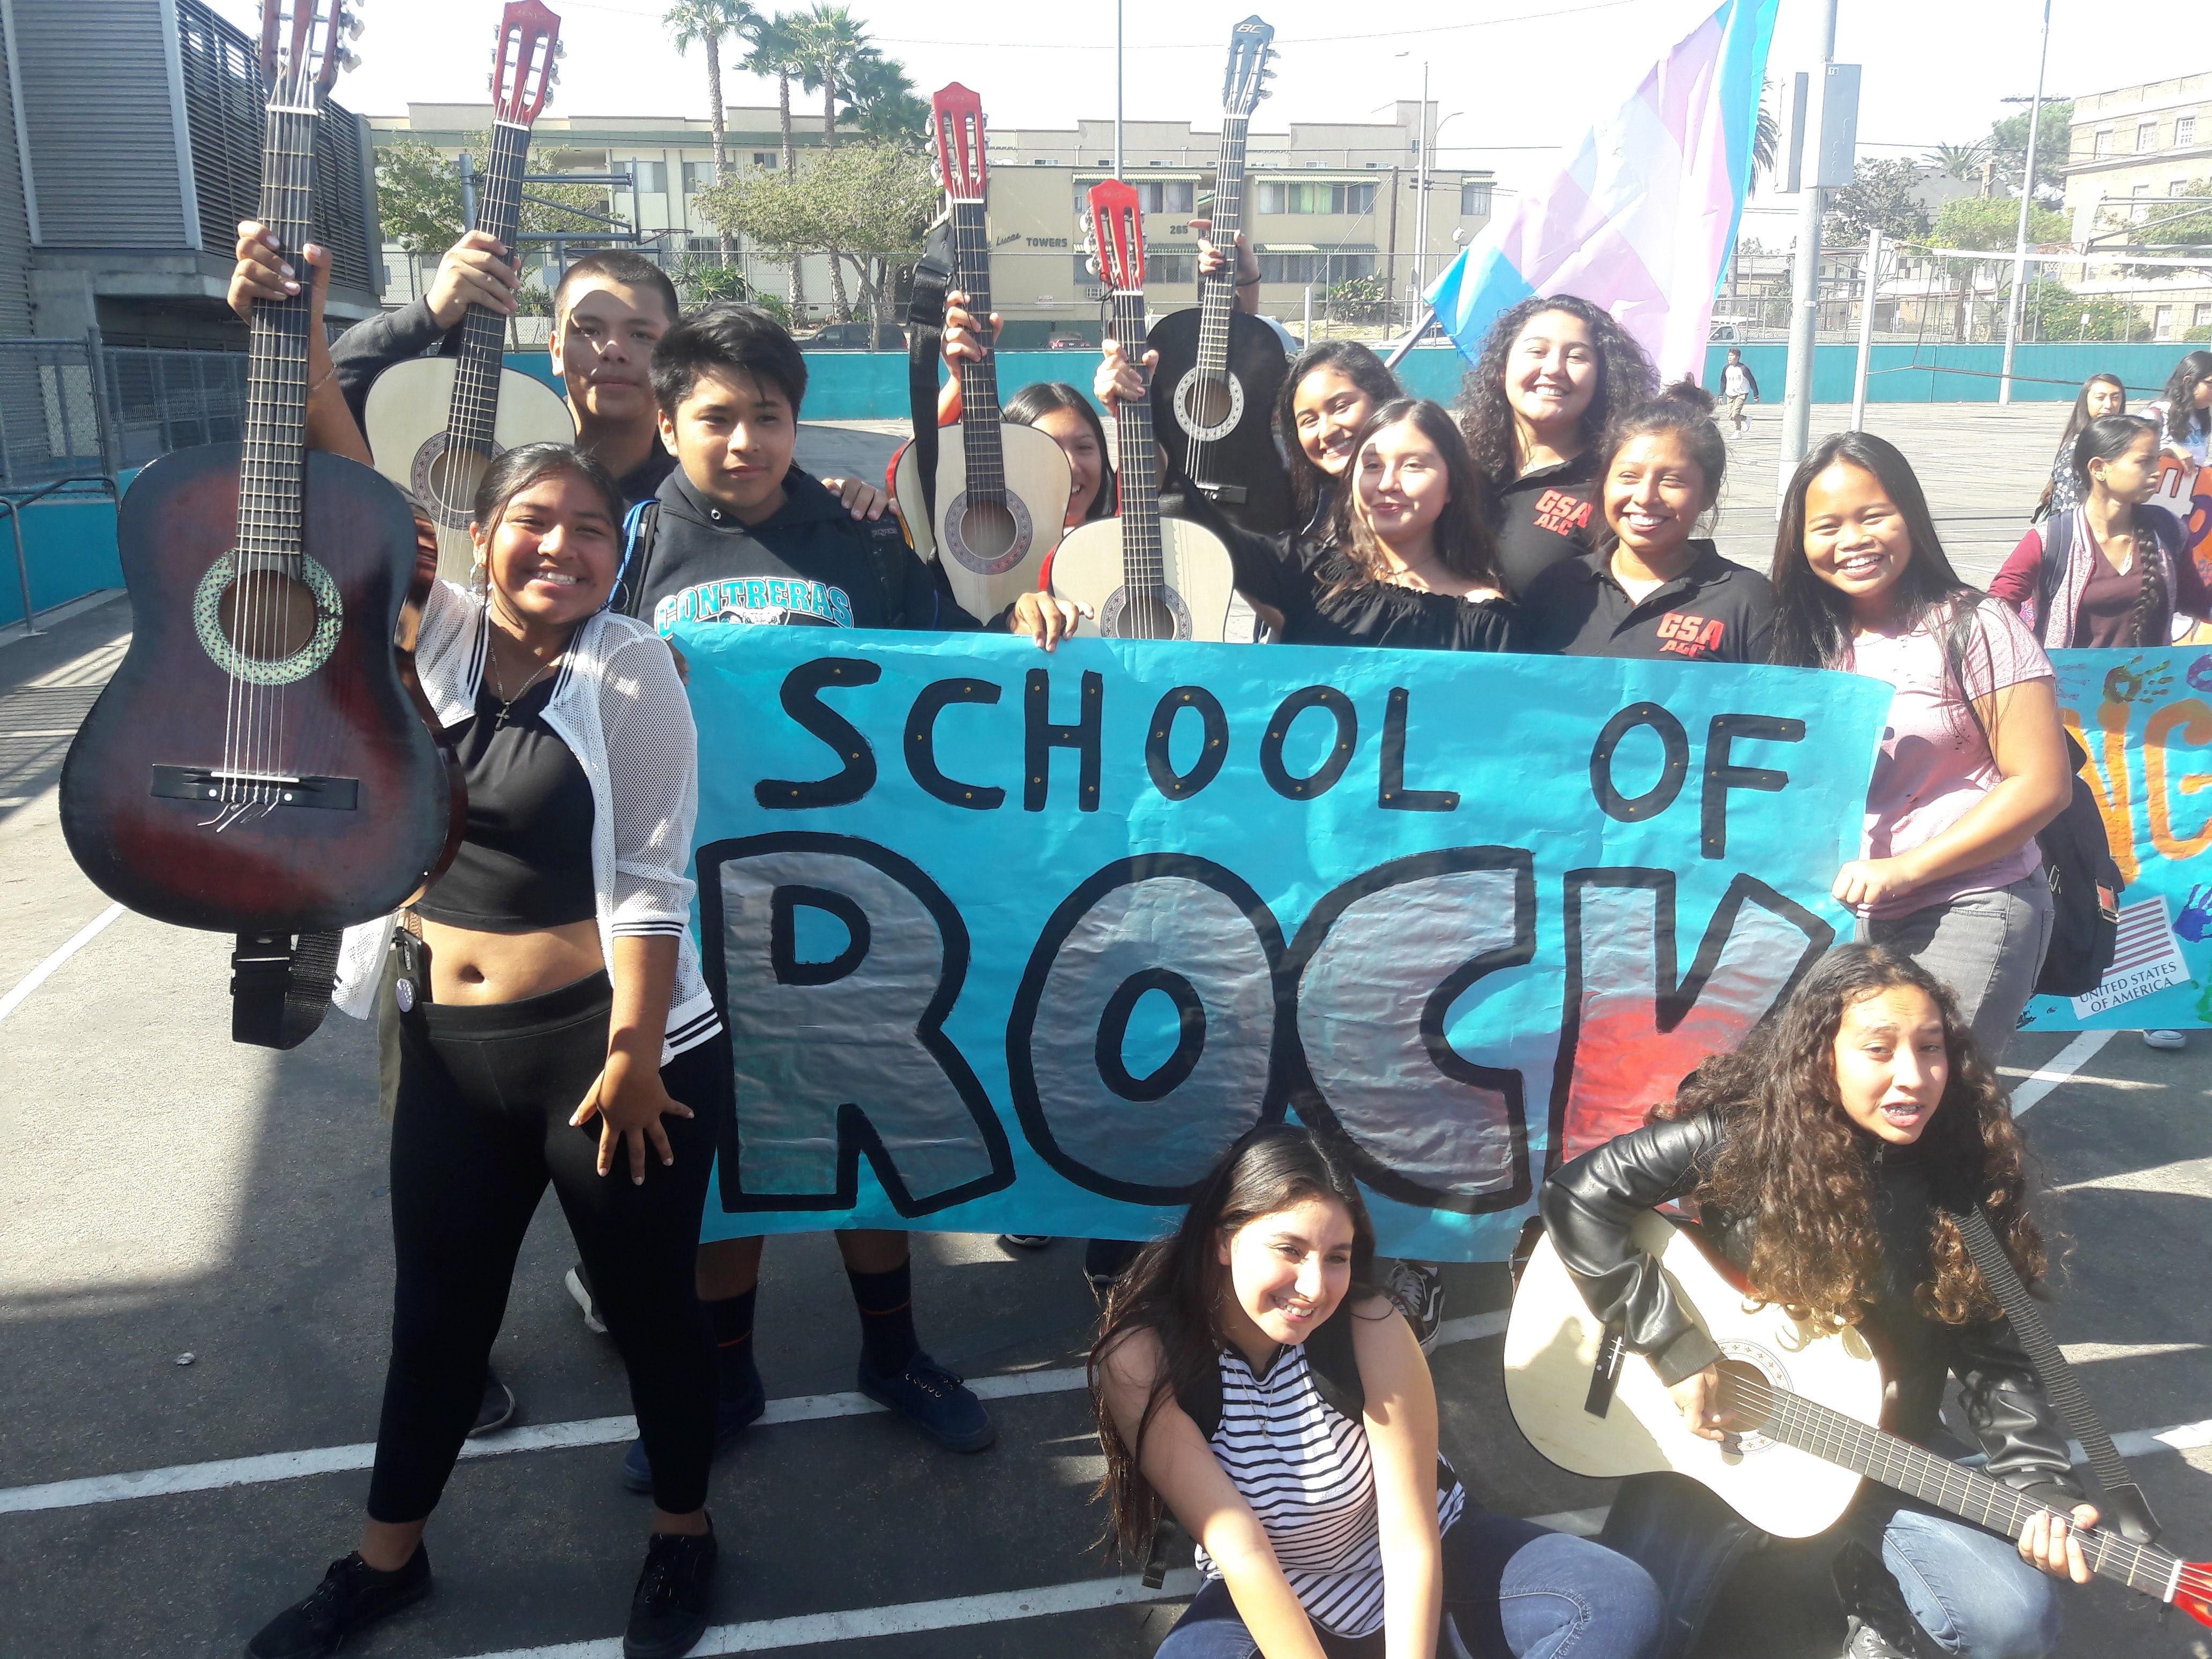 school of rock 20172018 mr nittle